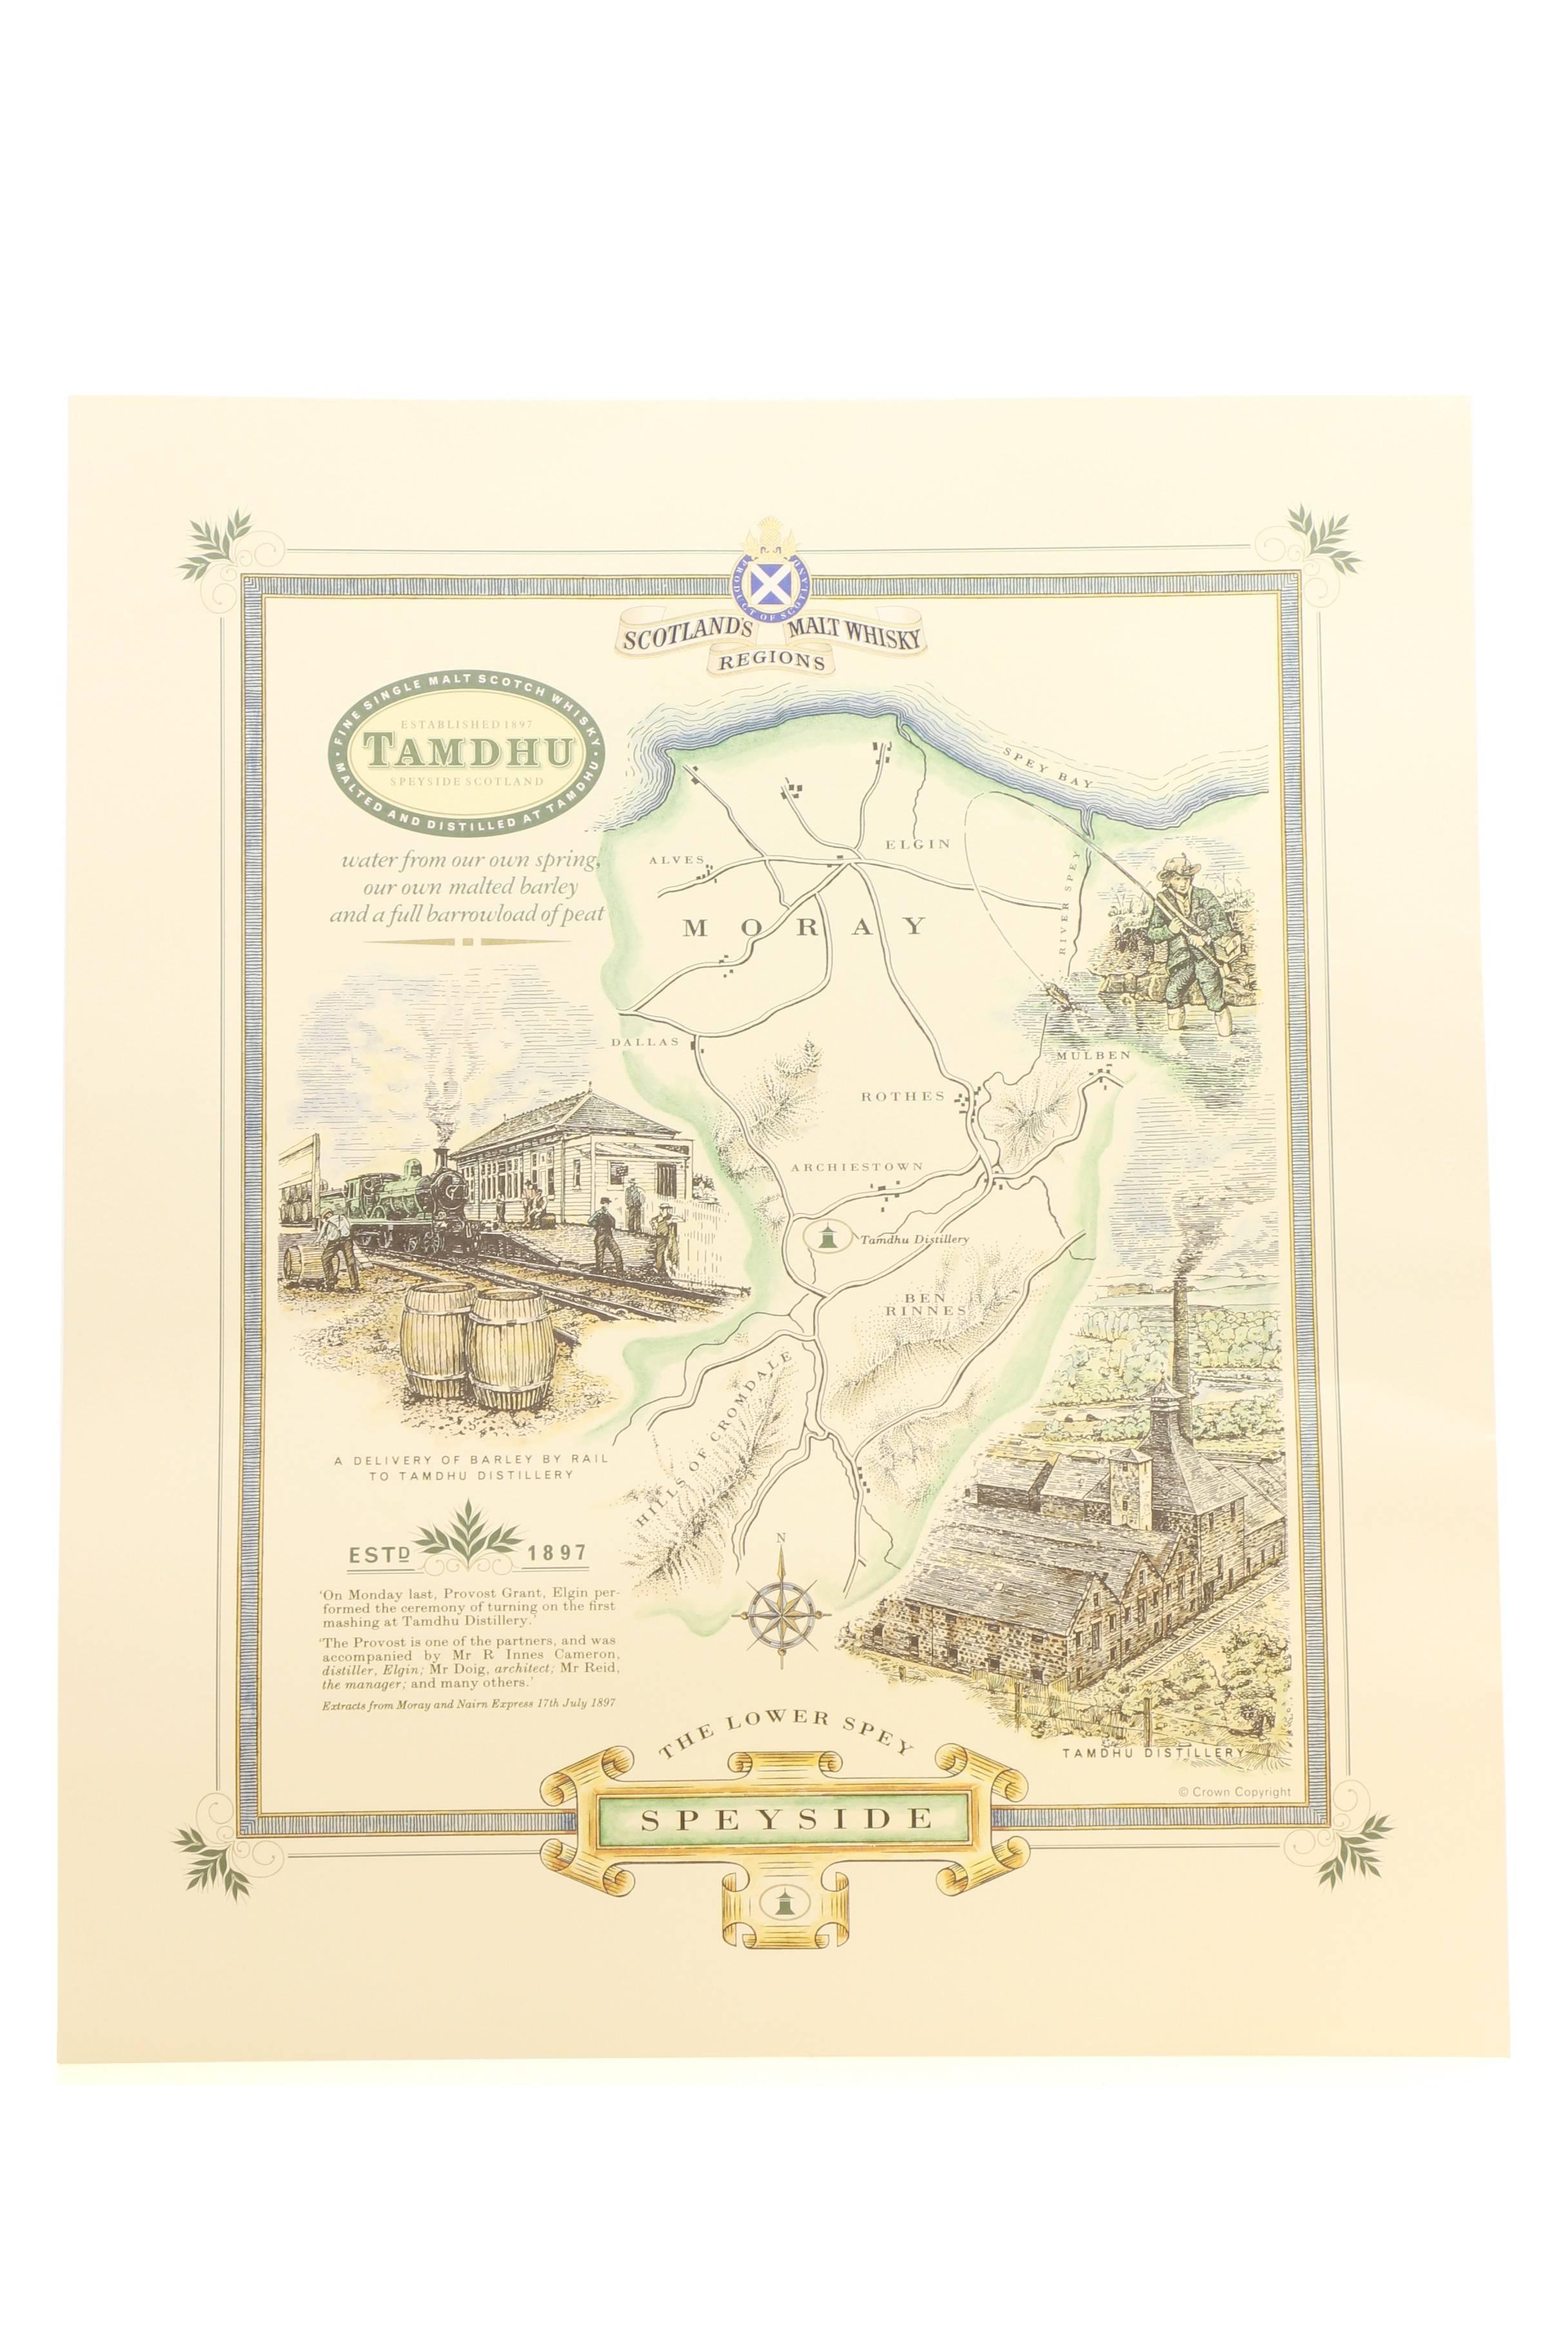 Decorative Scottish Distillery Maps - Highland Park/Tamdhu ... on scottish confectionery, scottish museum, scottish textiles, scottish furniture, scottish golf, scottish transportation, scottish lighthouse, scottish railway, scottish chapel, scottish gin, scottish restaurants, scottish fishing, scottish mining, scottish vodka, scottish spirits,